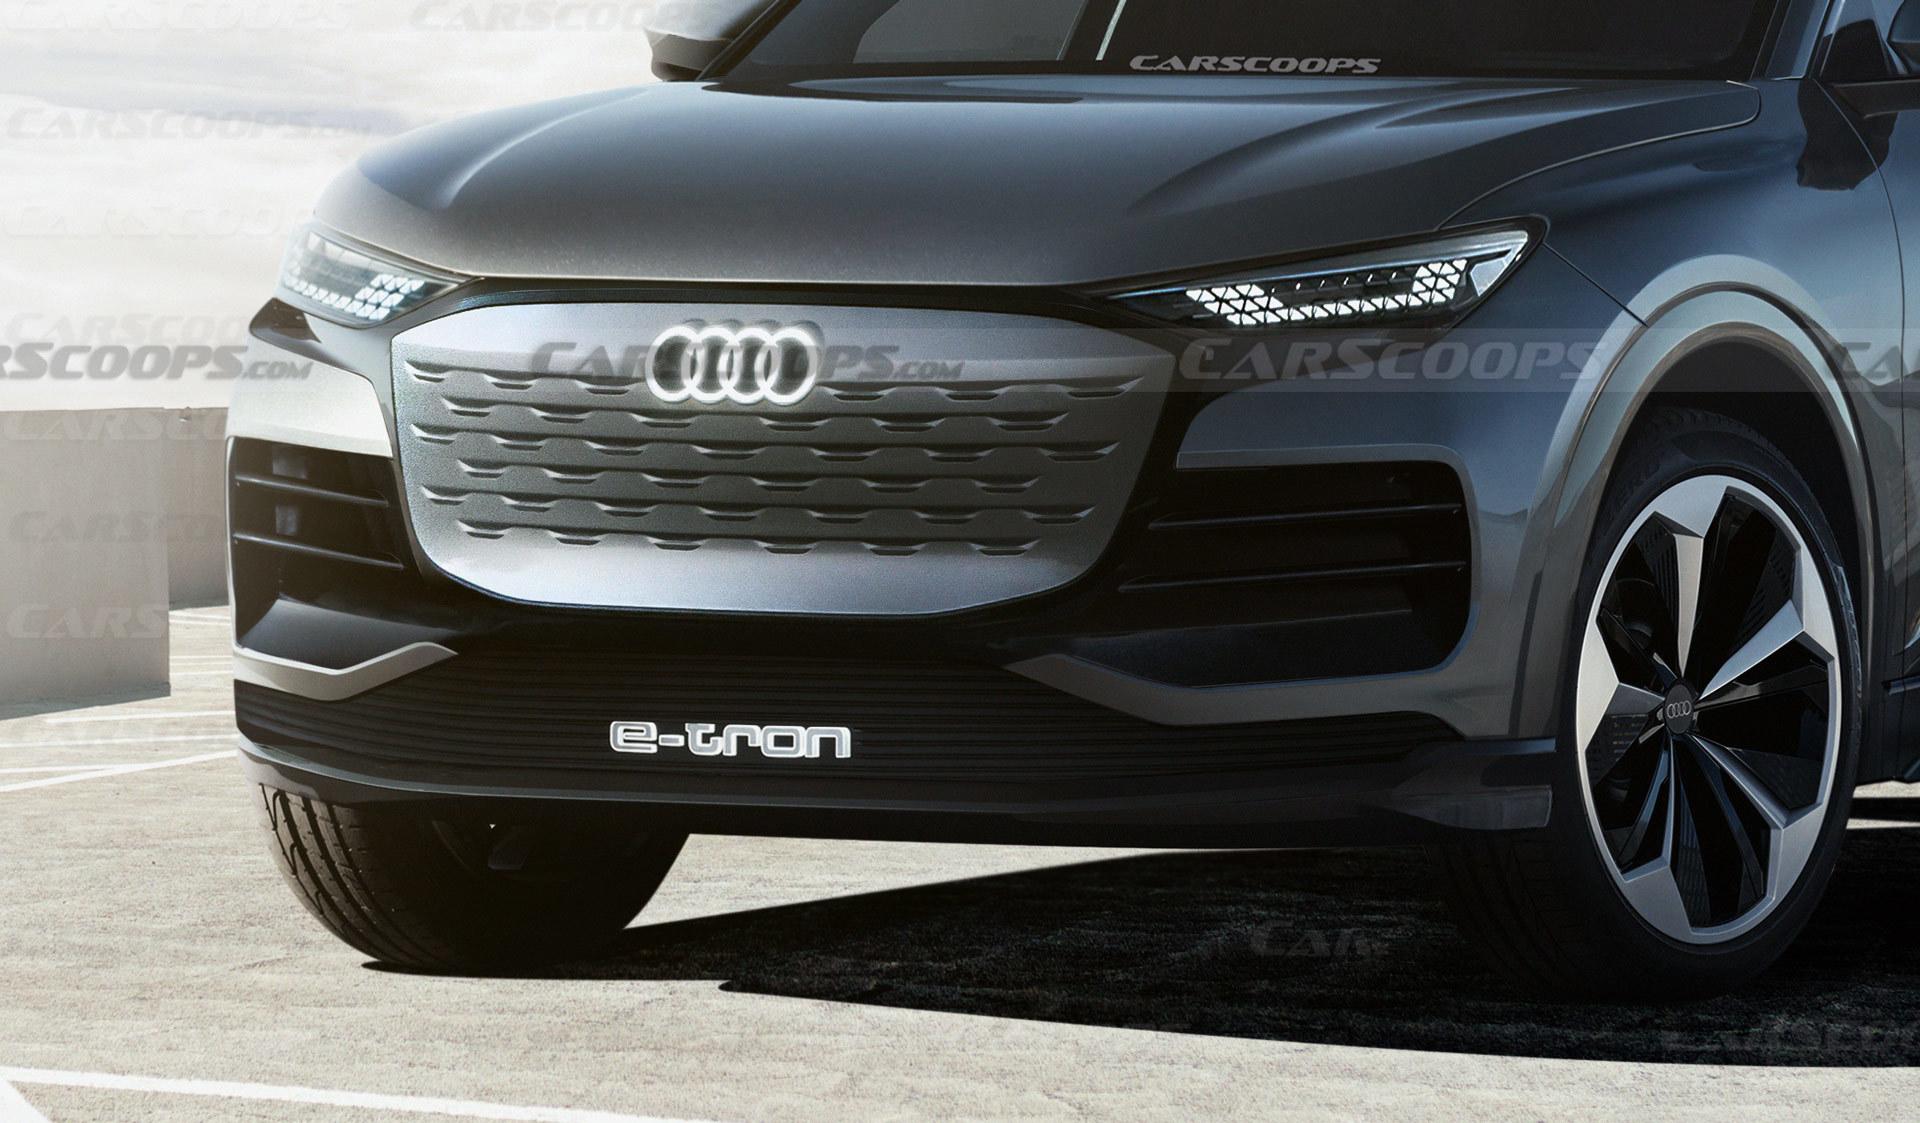 Giải mã mẫu xe Audi Q6 E-Tron 2023 sắp ra mắt